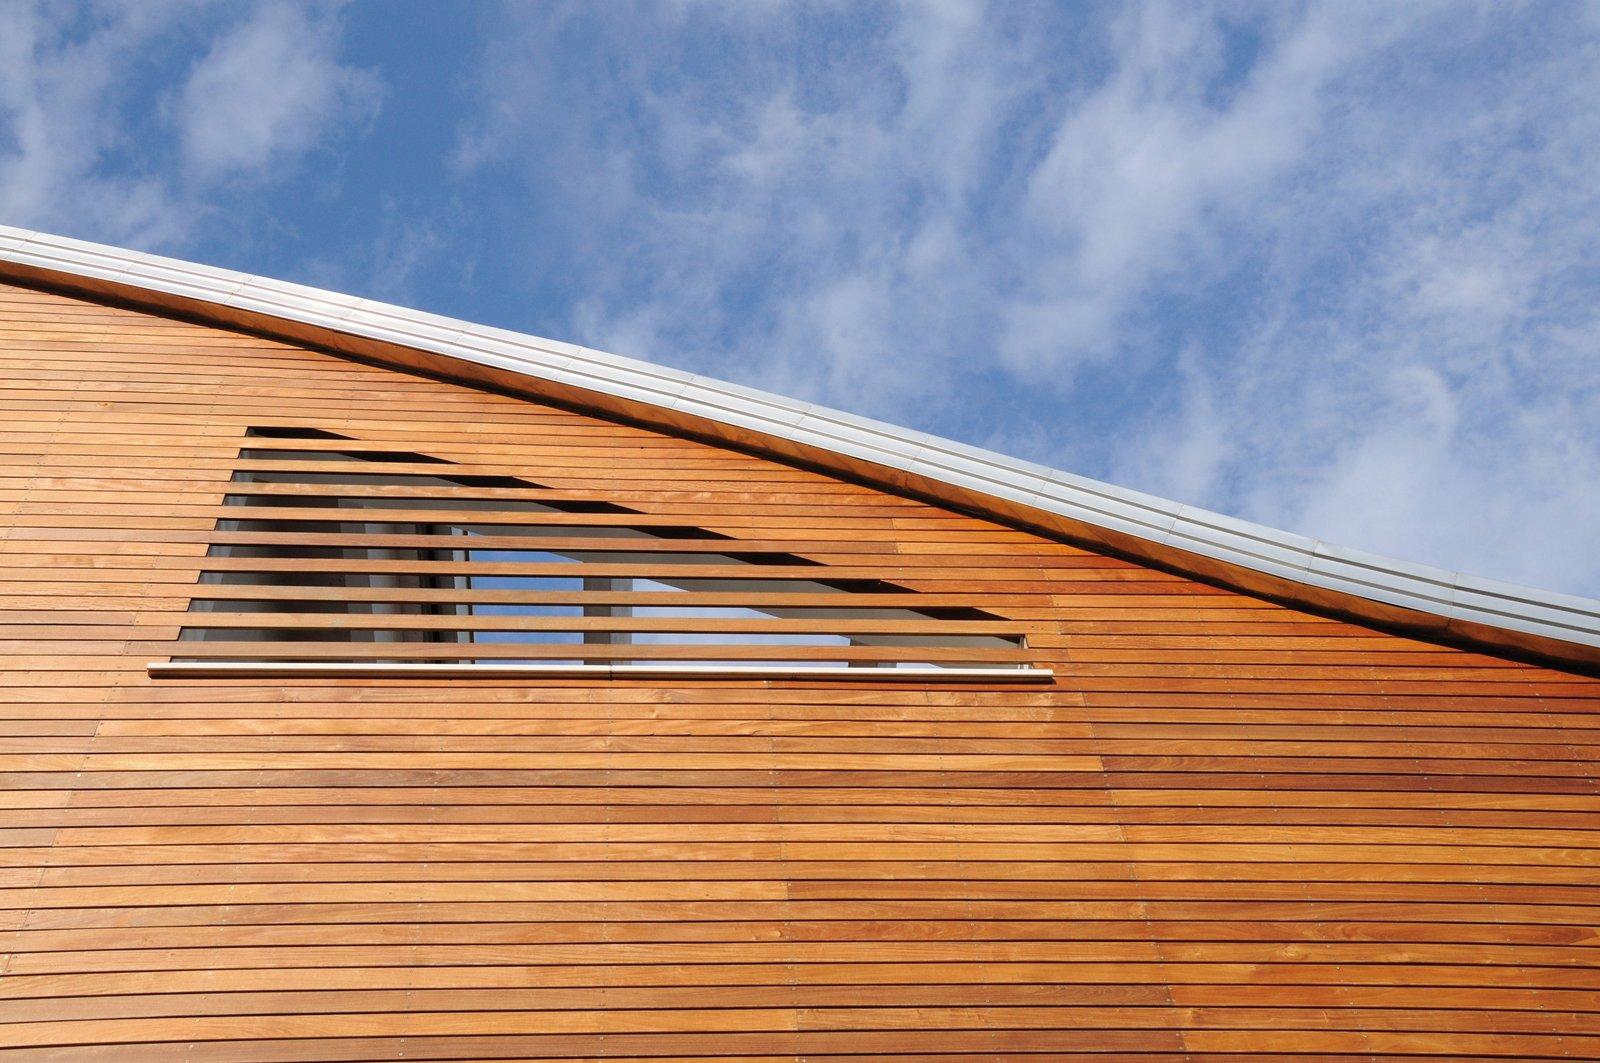 Isolamento termico per migliorare la casa - Cose di Casa